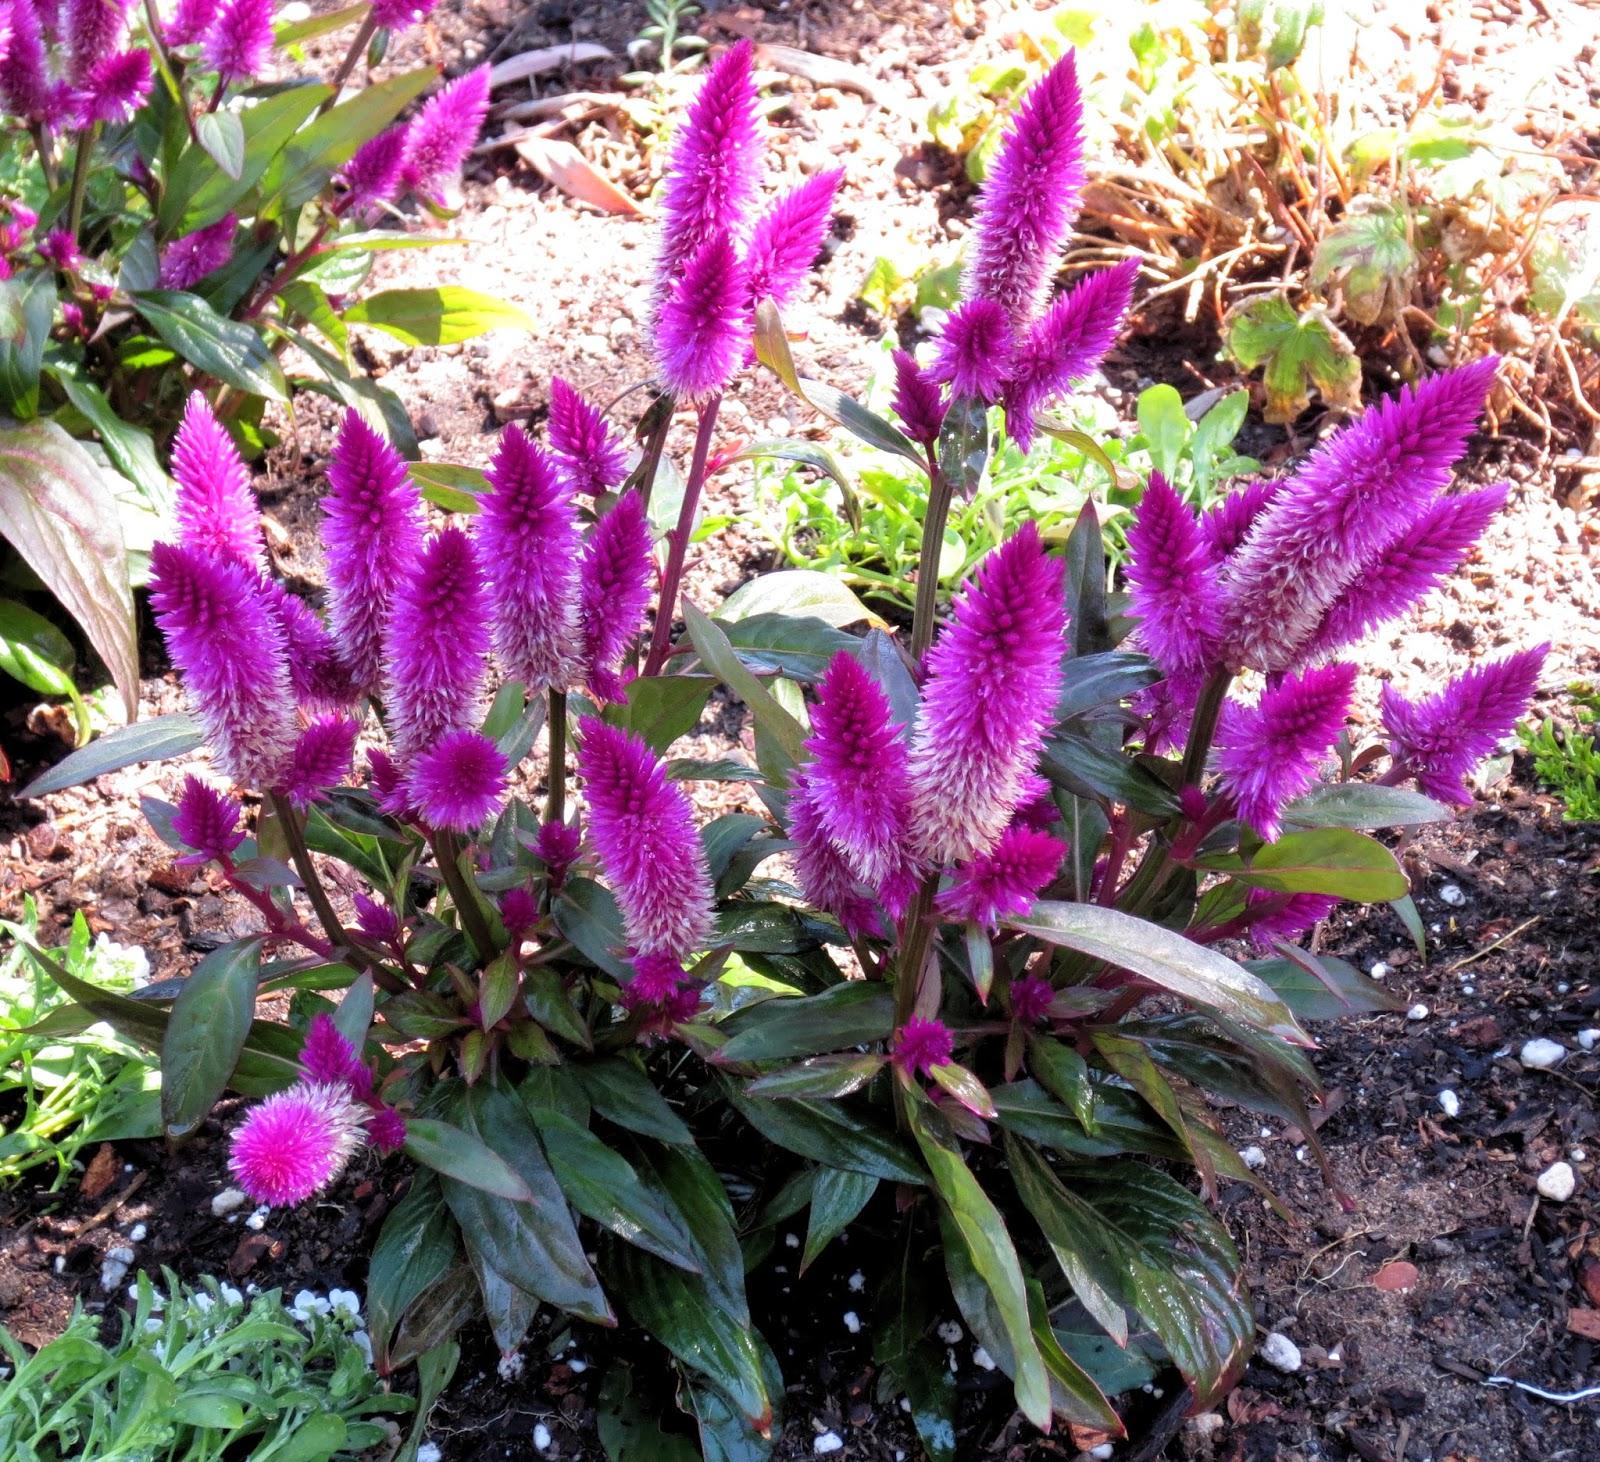 Gėlės nuotrauka. (Pavadinimas: Sidabrinė celiozija)